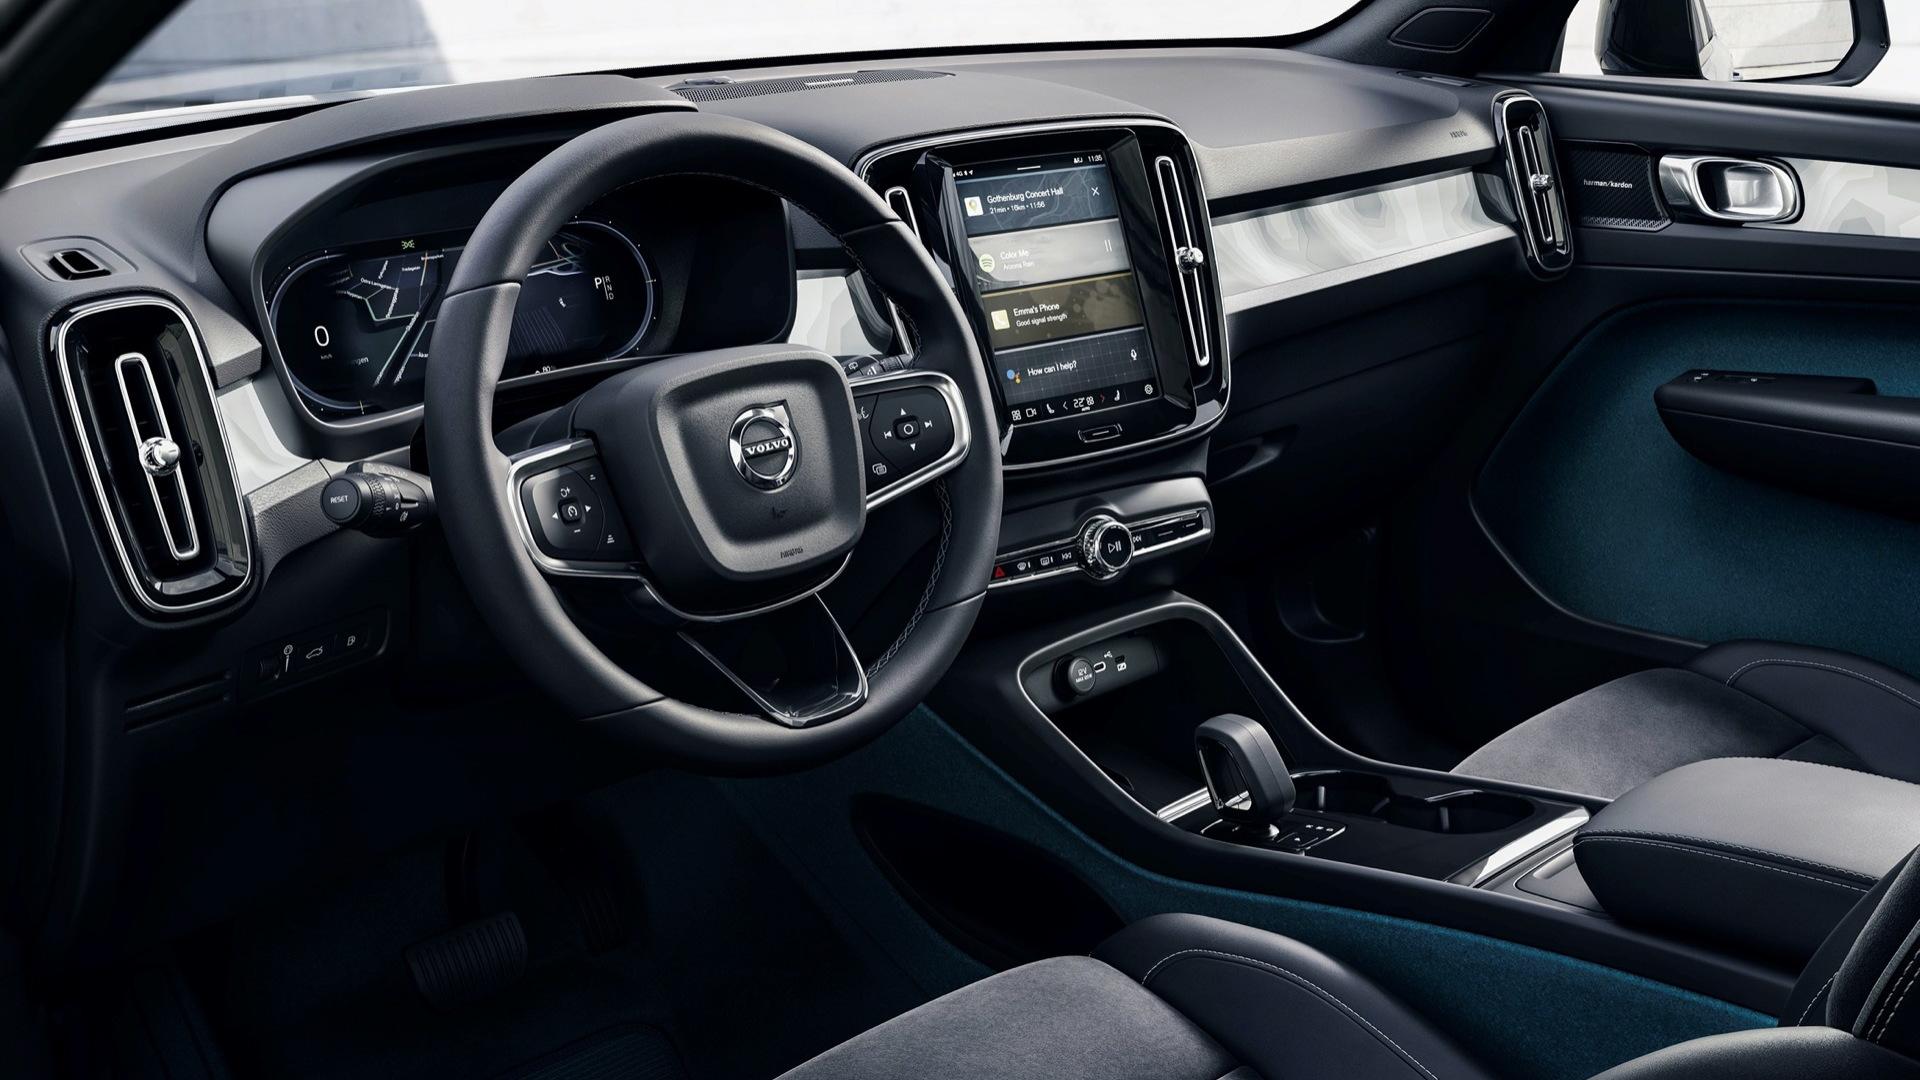 2022 Volvo C40 interior